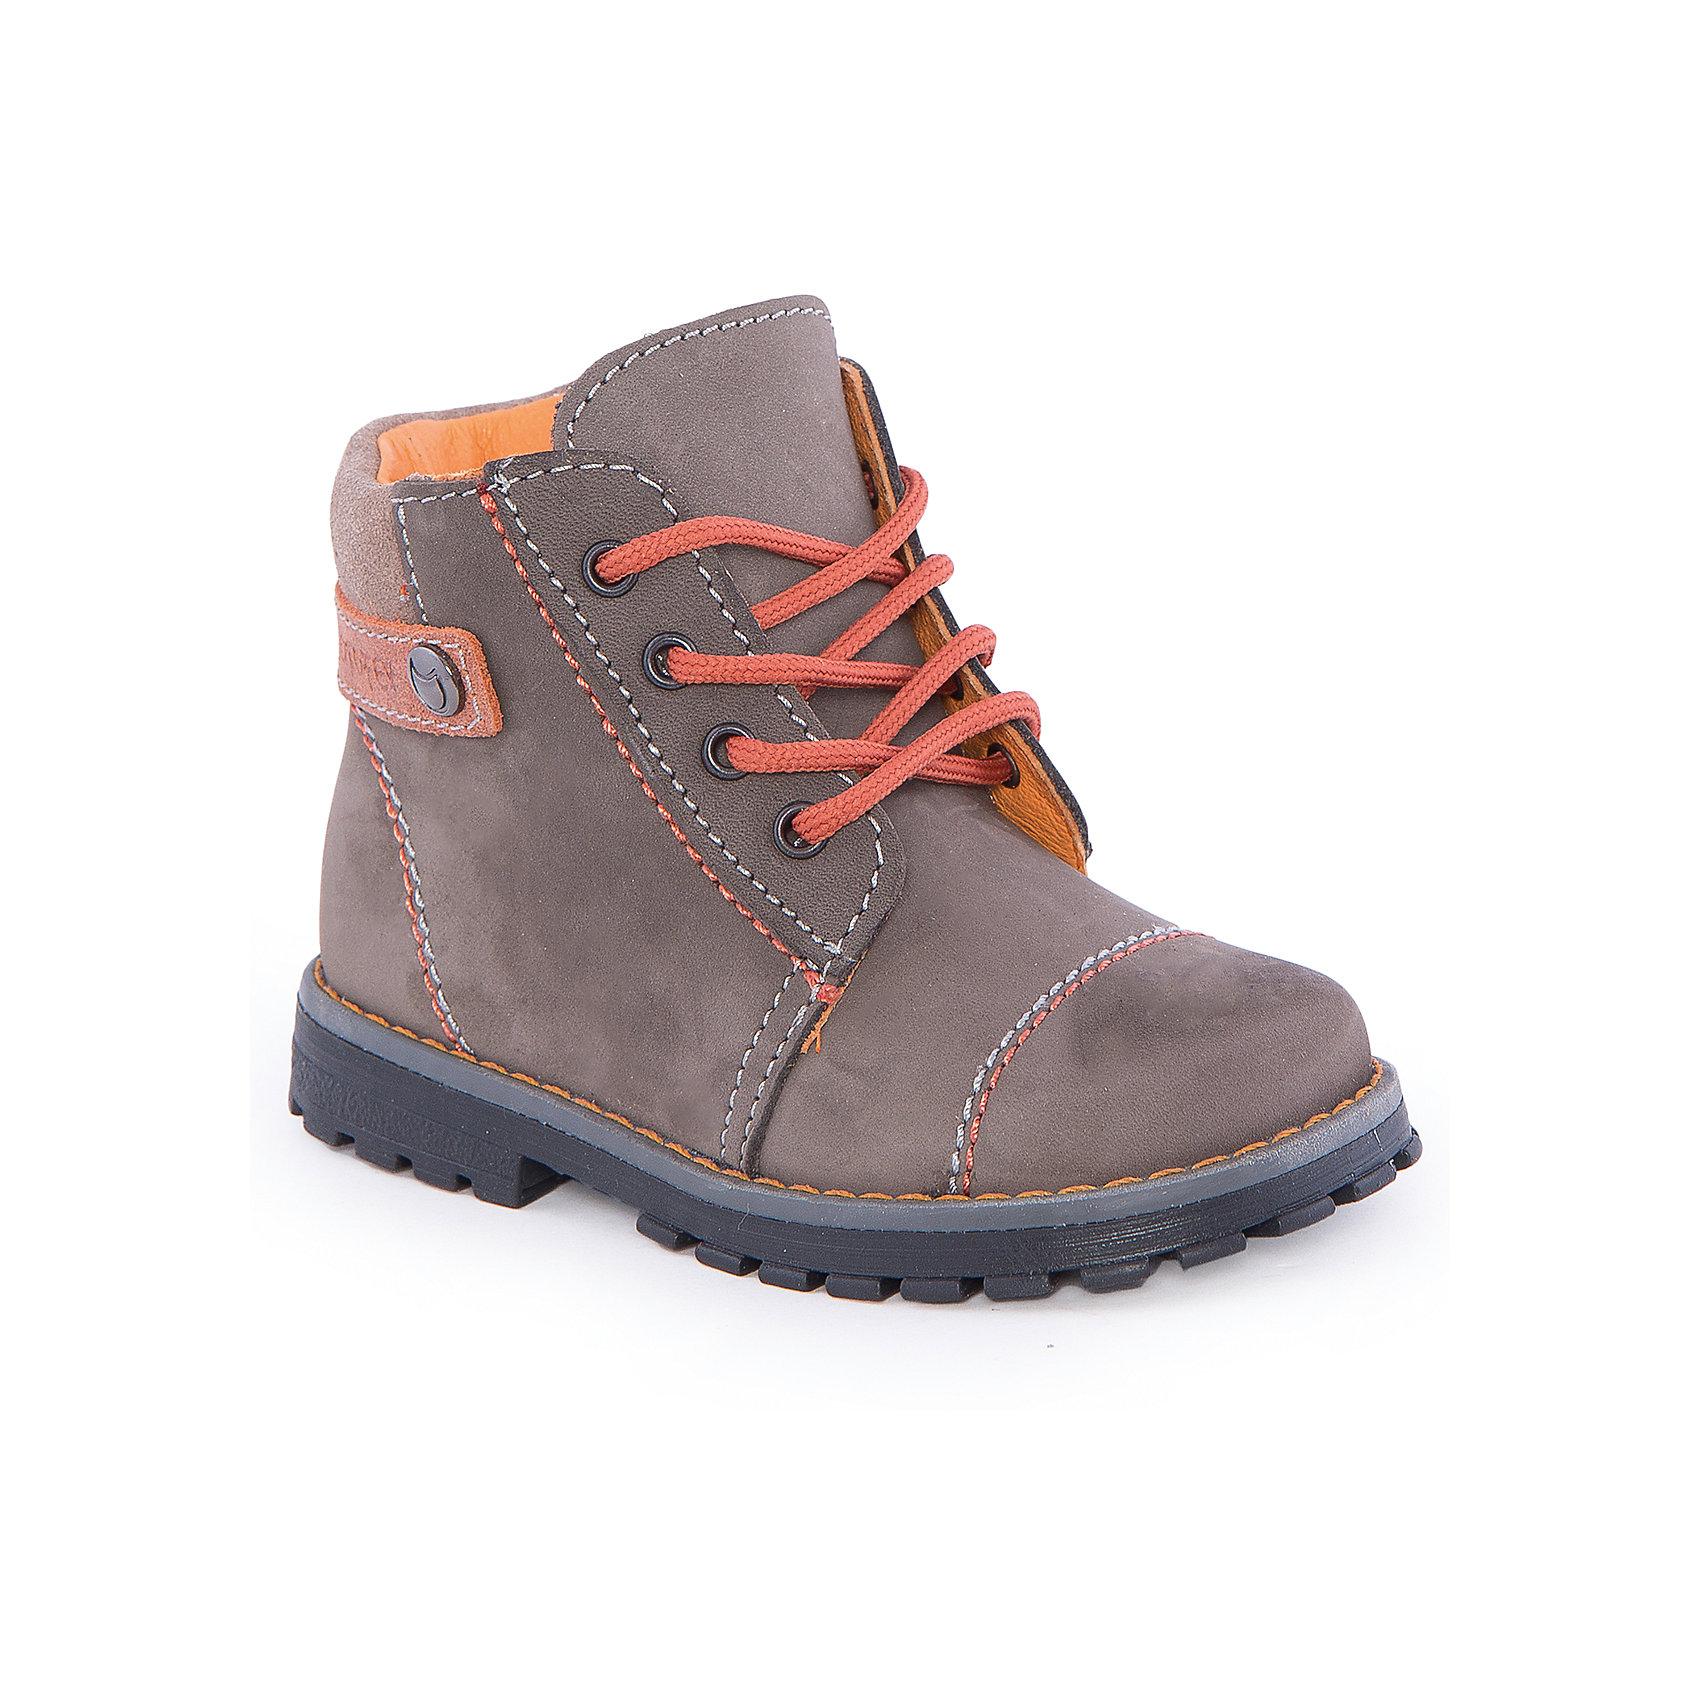 Ботинки для мальчика КотофейБотинки для мальчика от известного российского бренда Котофей <br><br>Удобные ботинки изготовлены из натуральной кожи, выполнены в универсальном сером цвете. <br>Верх сделан из материала, обеспечивающего ногам комфорт. Толстая рифленая подошва позволяет избегать скольжения практически на любой поверхности.<br><br>Особенности модели:<br><br>- цвет: серый;<br>- устойчивая подошва;<br>- декорированы оранжевыми элементами;<br>- застежка: молния, шнуровка;<br>- вид крепления обуви: клеевой;<br>- анатомическая стелька;<br>- качественные материалы;<br>- защита пальцев и пятки;<br>- модный дизайн.<br><br>Дополнительная информация:<br><br>Температурный режим: от +5° до +15°С.<br><br>Состав: <br><br>верх - натуральная кожа;<br>подкладка - натуральная кожа;<br>подошва - ТЭП.<br><br>Ботинки для мальчика Котофей можно купить в нашем магазине.<br><br>Ширина мм: 262<br>Глубина мм: 176<br>Высота мм: 97<br>Вес г: 427<br>Цвет: серый<br>Возраст от месяцев: 18<br>Возраст до месяцев: 21<br>Пол: Мужской<br>Возраст: Детский<br>Размер: 23,25,24,26<br>SKU: 4565626